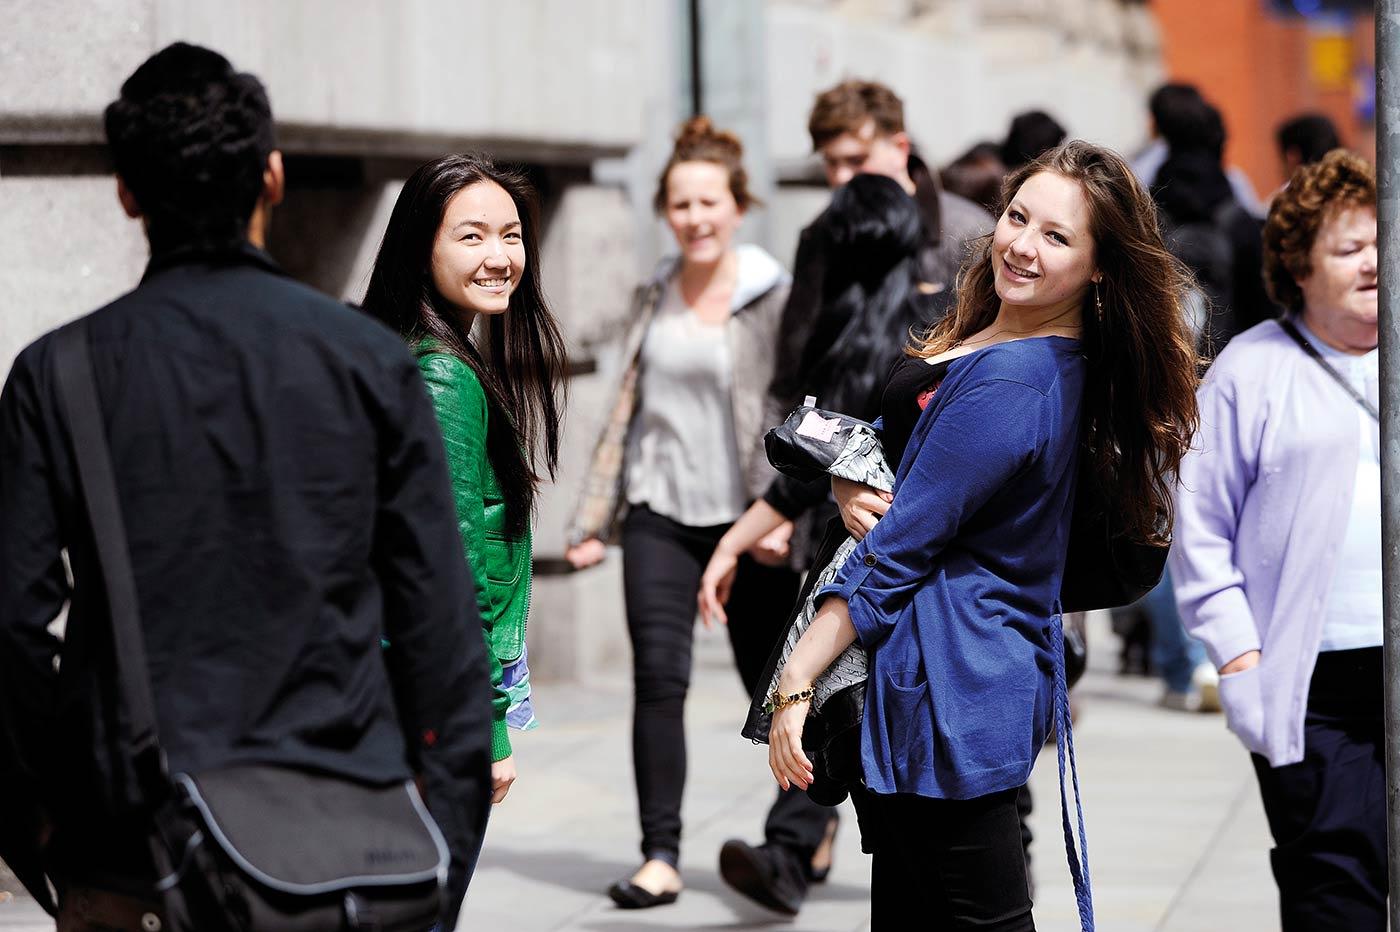 عِش وتعلم في واحدة من أفضل المدن الطلابية بالعالم